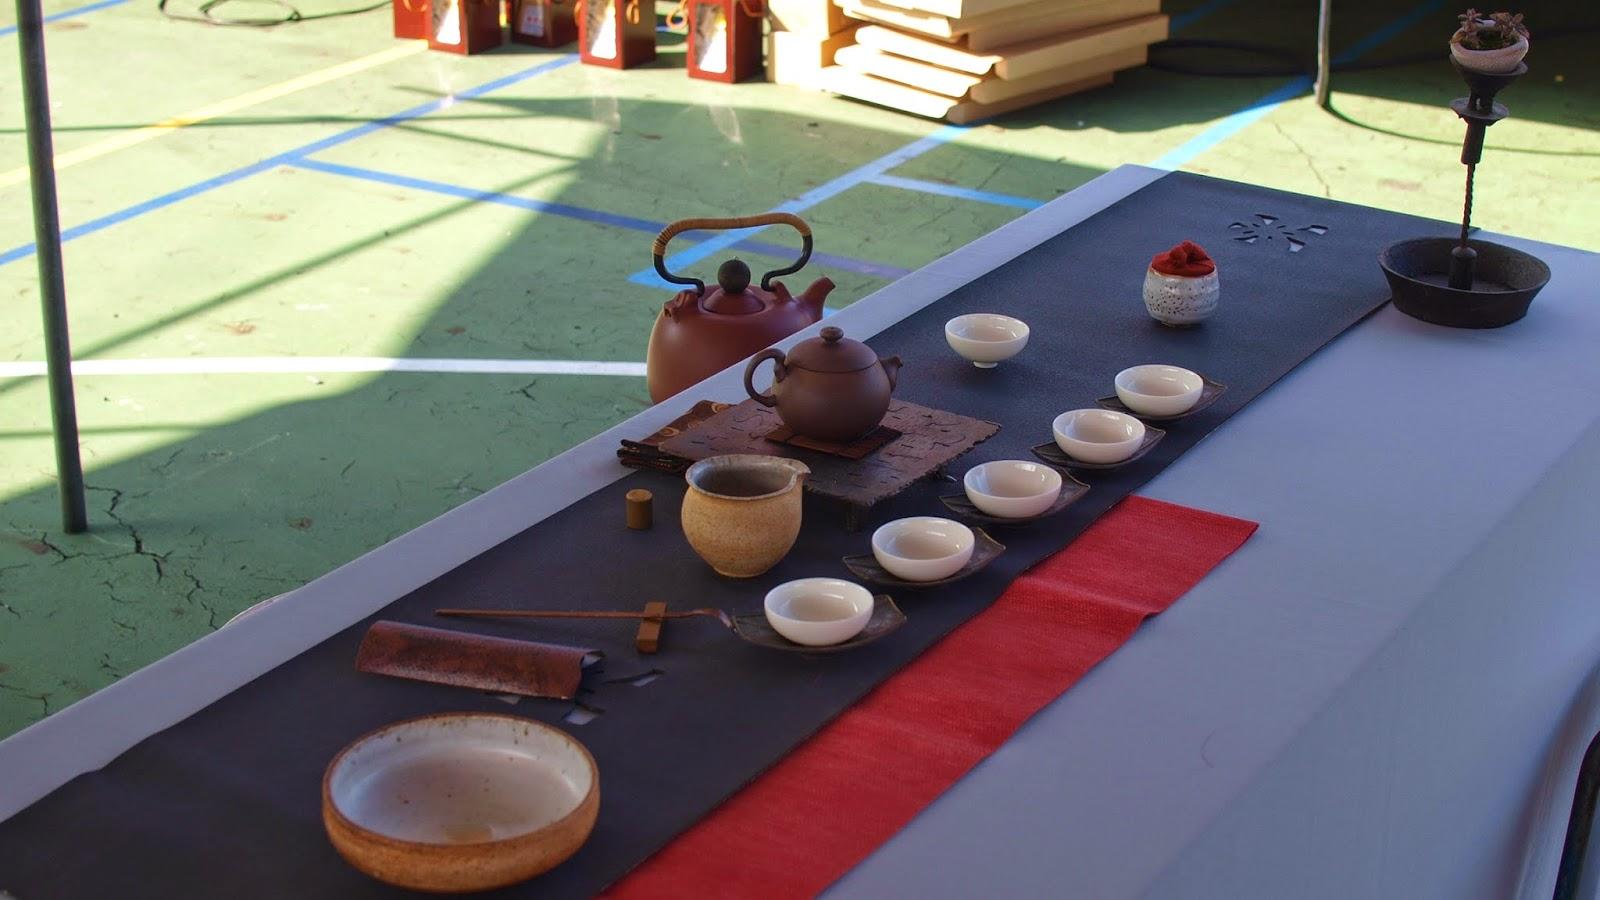 2014 冬茶 永隆鳳凰社區比賽茶 展售會